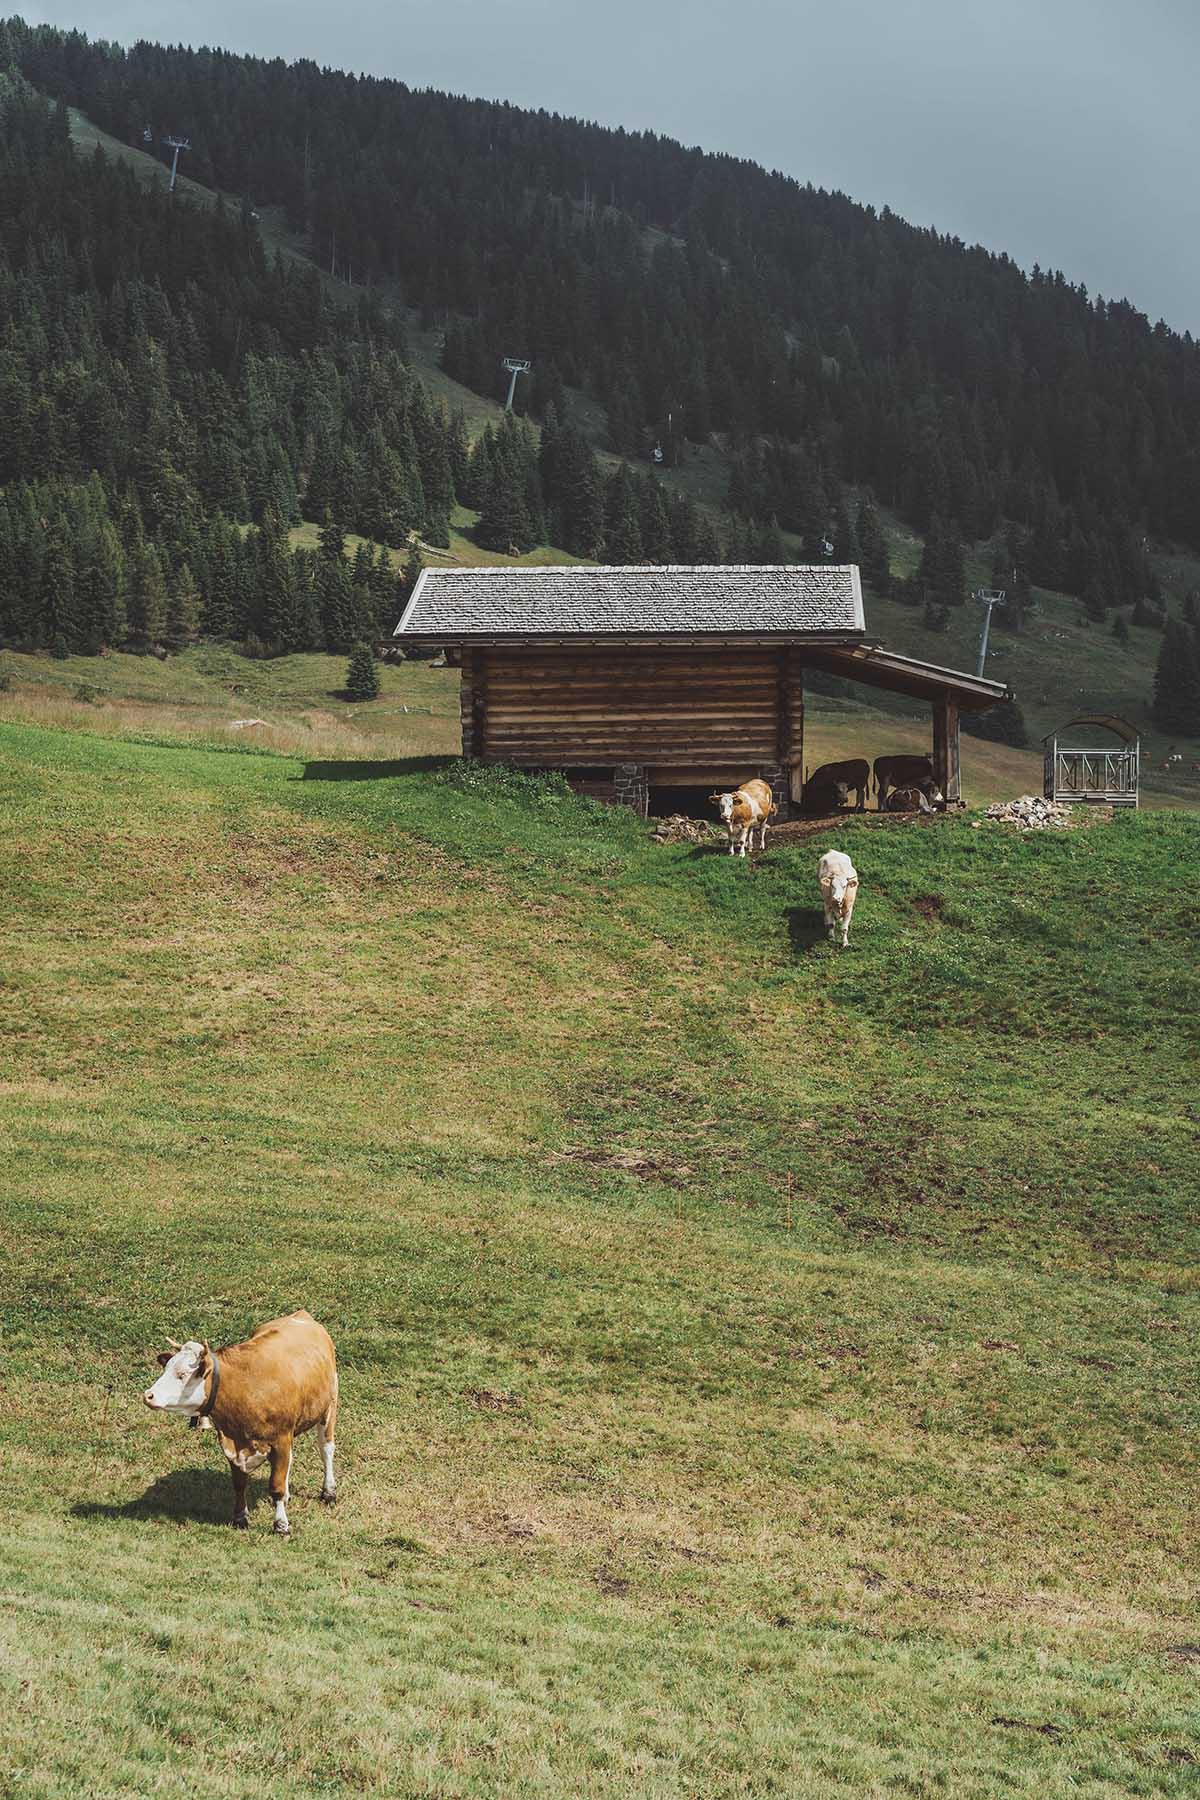 ausflugsziele-wandern-dolomiten-suedtirol-seiser-alm-kuehe